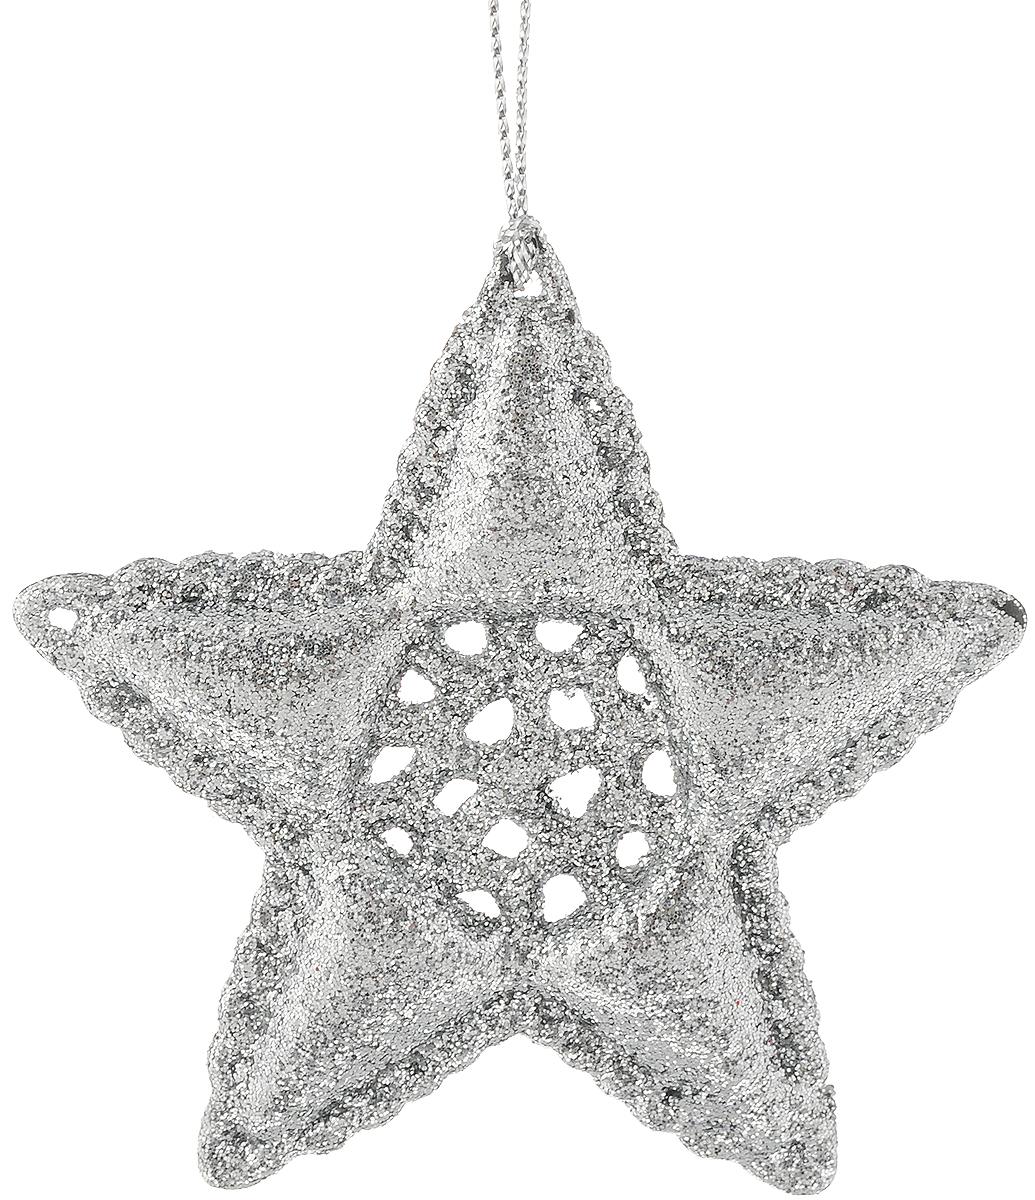 Украшение новогоднее подвесное Magic Time Серебряная звездочка, 8 см38731Оригинальное новогоднее украшение Серебряная звездочка выполнено из прочного пластика. С помощью специальной петельки украшение можно подвесить влюбом понравившемся вам месте. Но, конечно же, удачнее всего такая игрушка будетсмотреться на праздничной елке.Новогодние украшения приносят в дом волшебство и ощущение праздника. Создайте всвоем доме атмосферу веселья и радости, украшая всей семьей новогоднюю елкунарядными игрушками, которые будут из года в год накапливать теплоту воспоминаний.